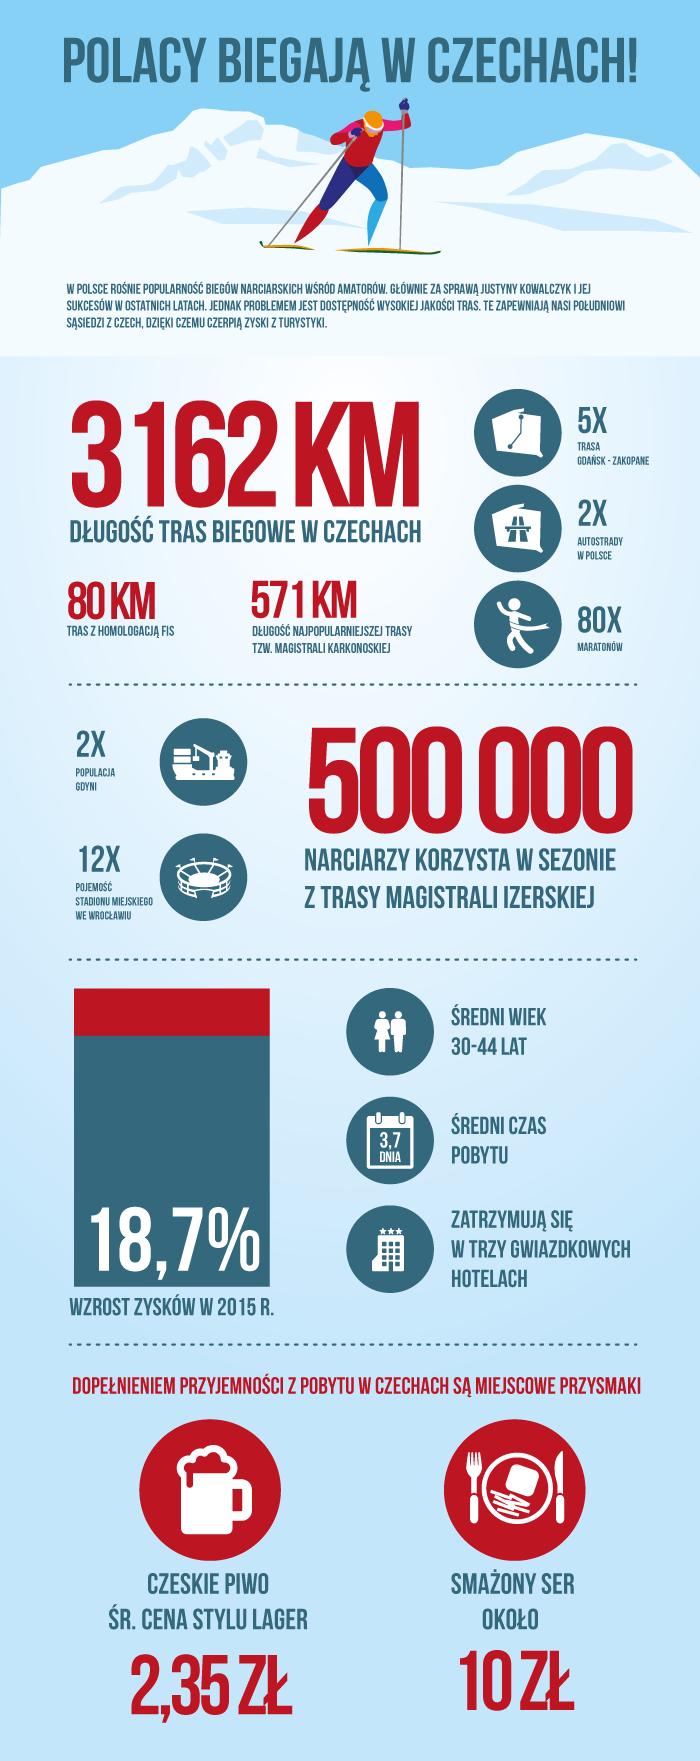 Infografika_Polacy_biegaja_w_Czechach